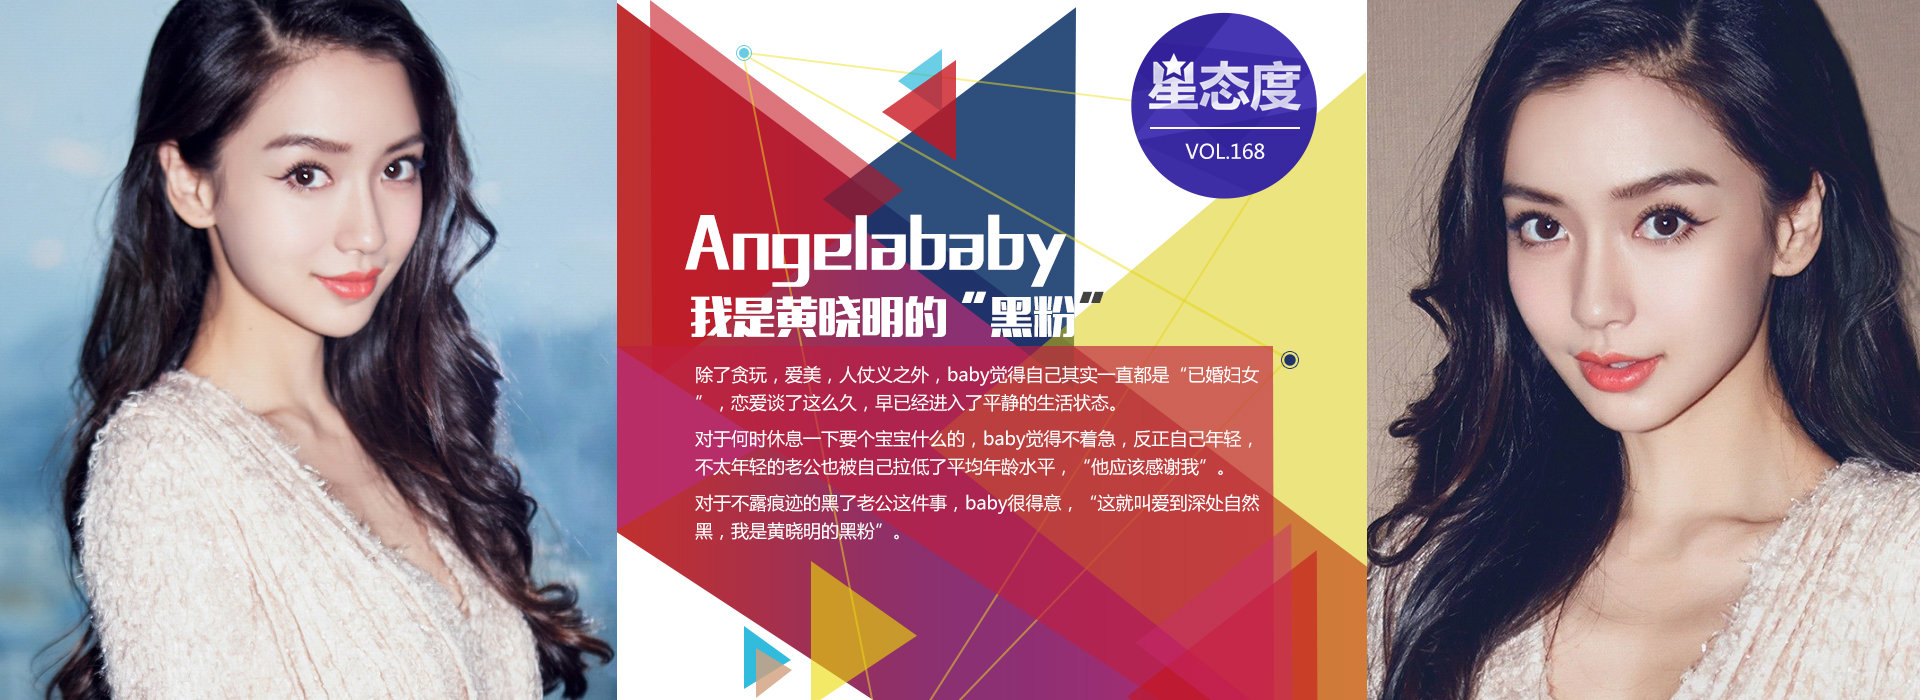 网易星态度_Angelababy